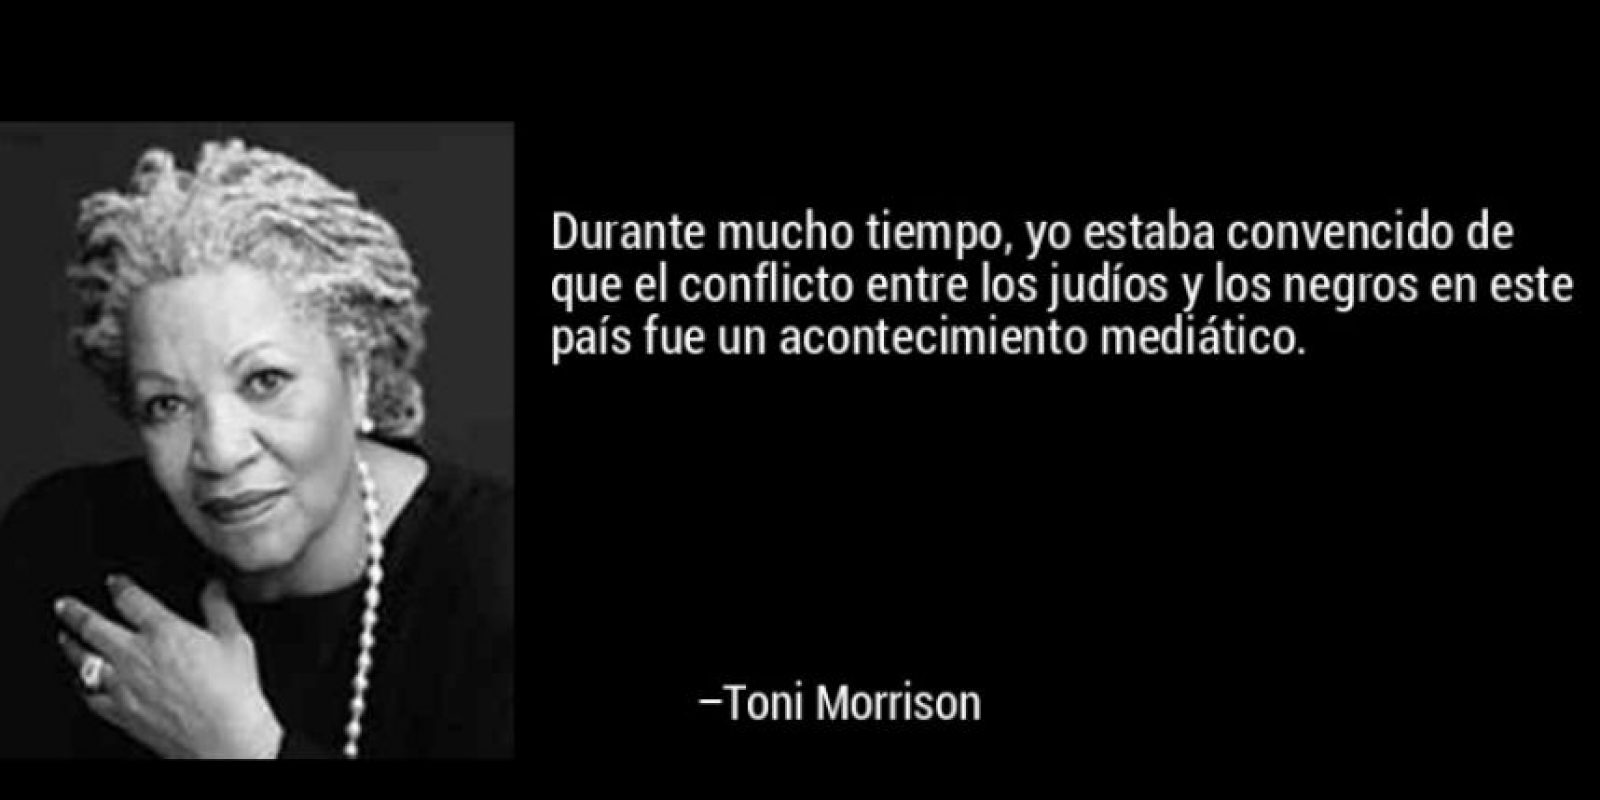 Toni Morrison, galardonada en 1993 Foto:Tumblr